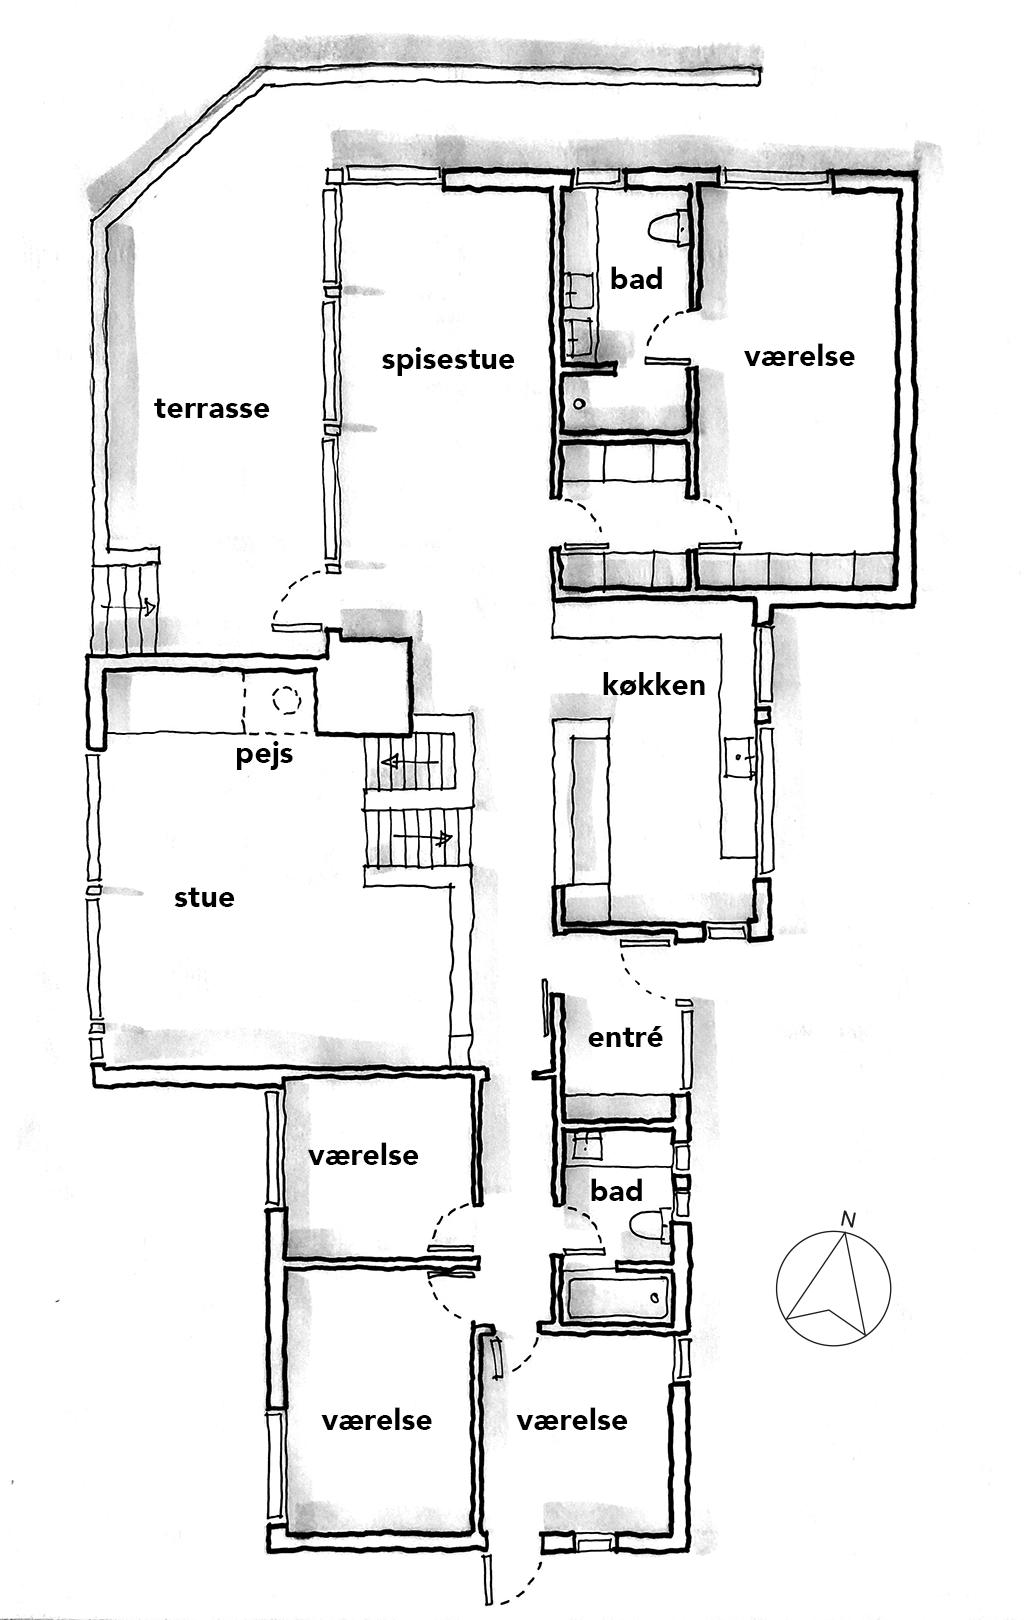 Planskitse, håndskitse, arkitekttegning